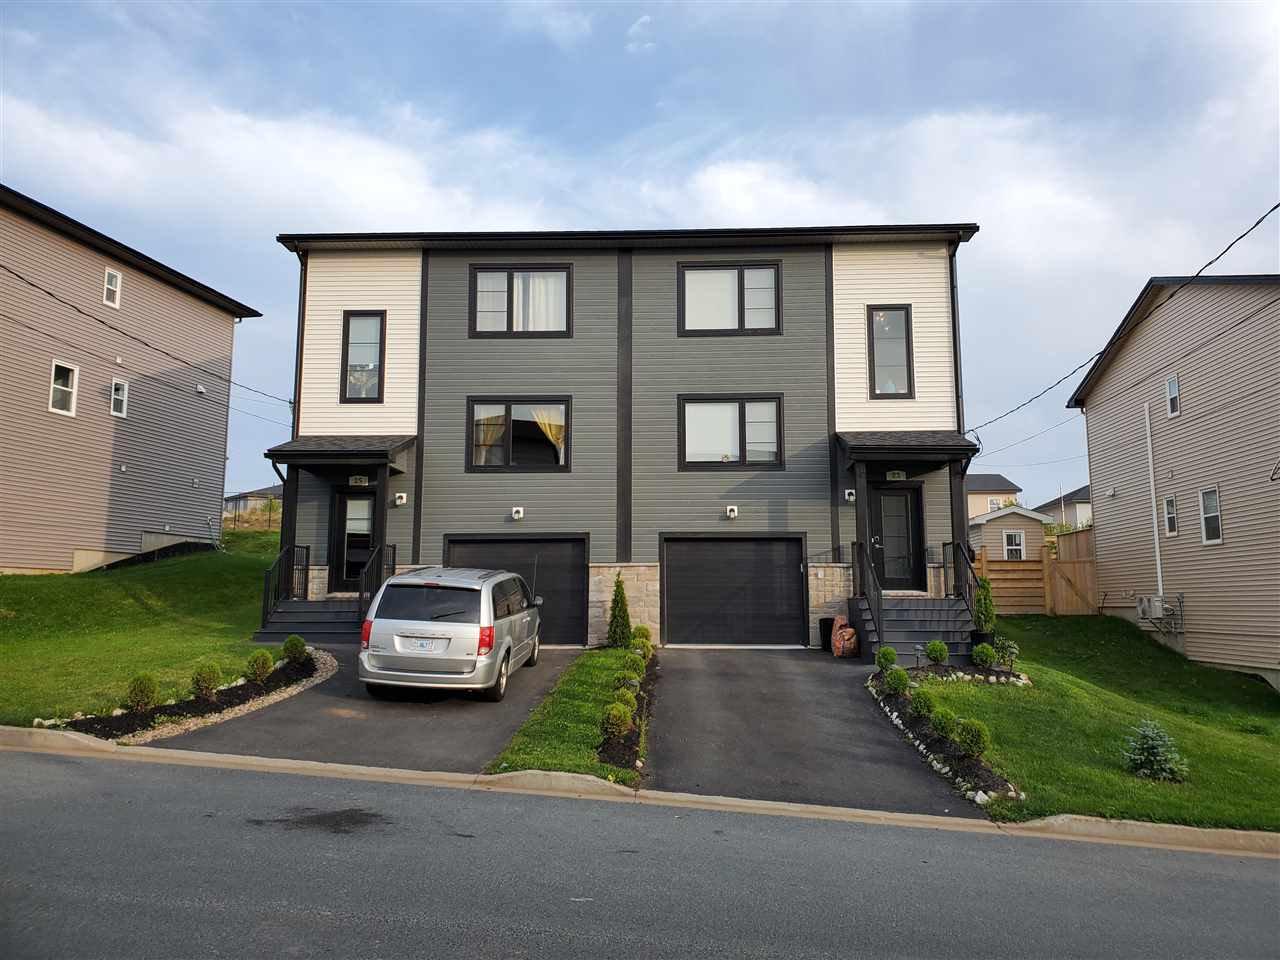 Main Photo: 1107 23 Titanium Crescent in Spryfield: 7-Spryfield Residential for sale (Halifax-Dartmouth)  : MLS®# 202019038